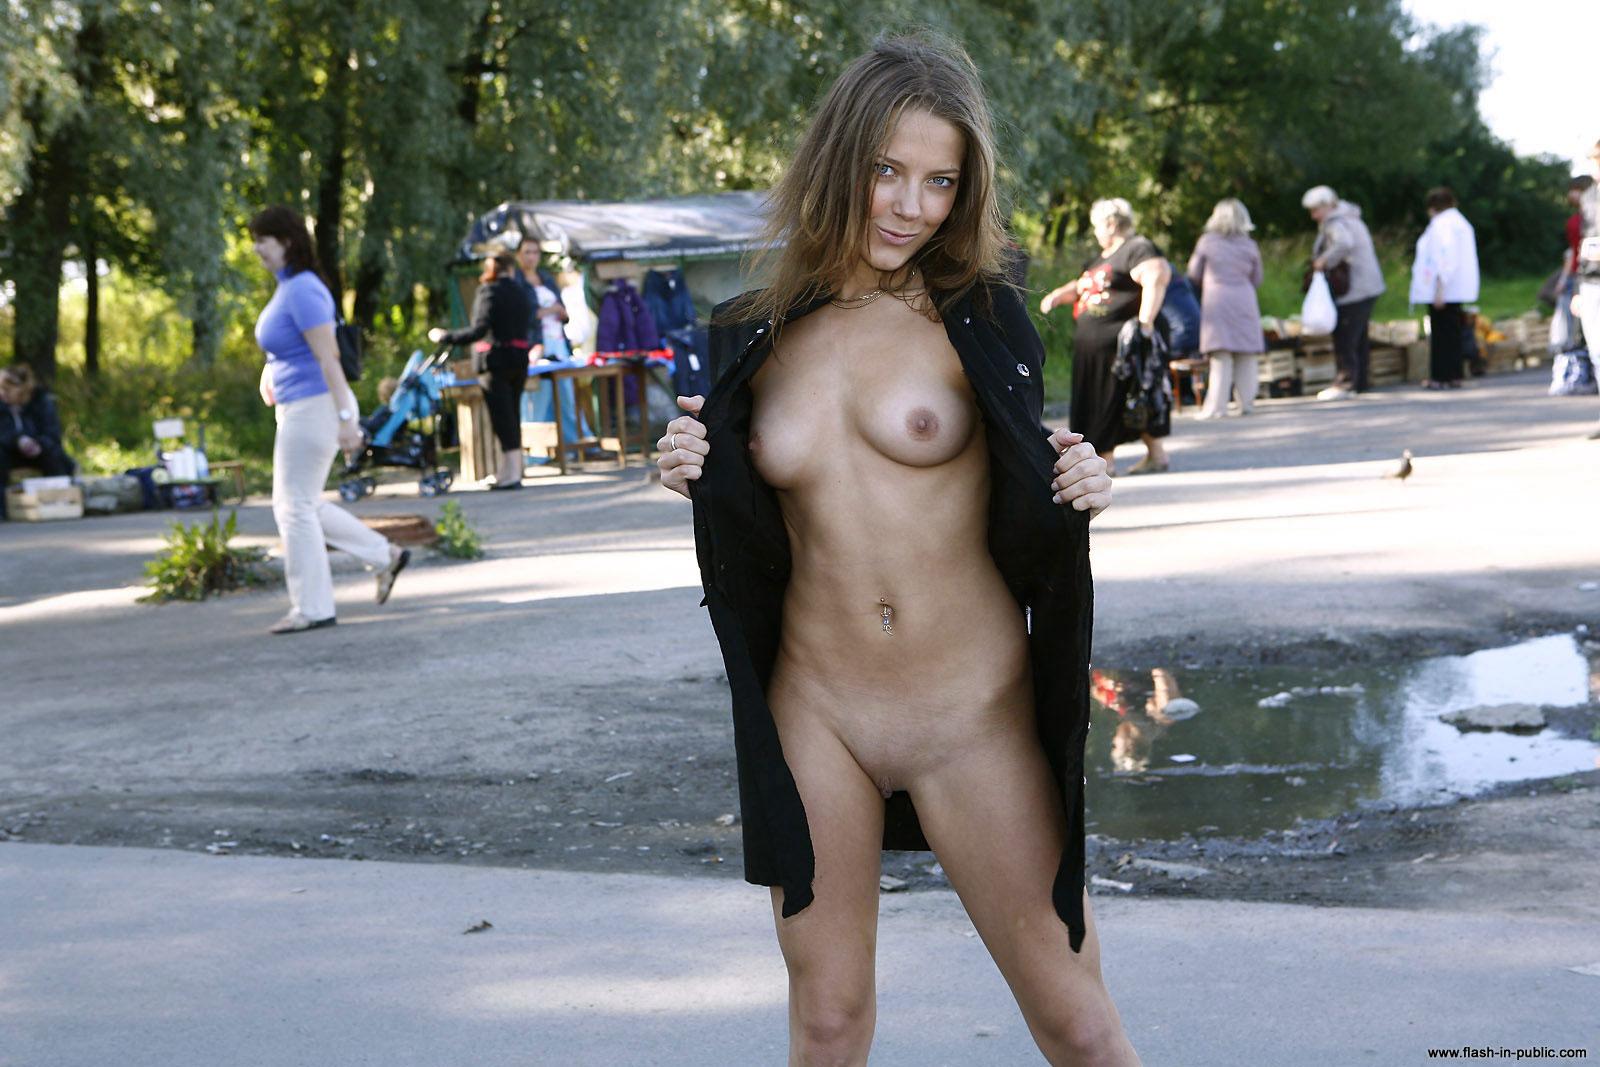 yanina-m-nude-walk-around-the-town-flash-in-public-23